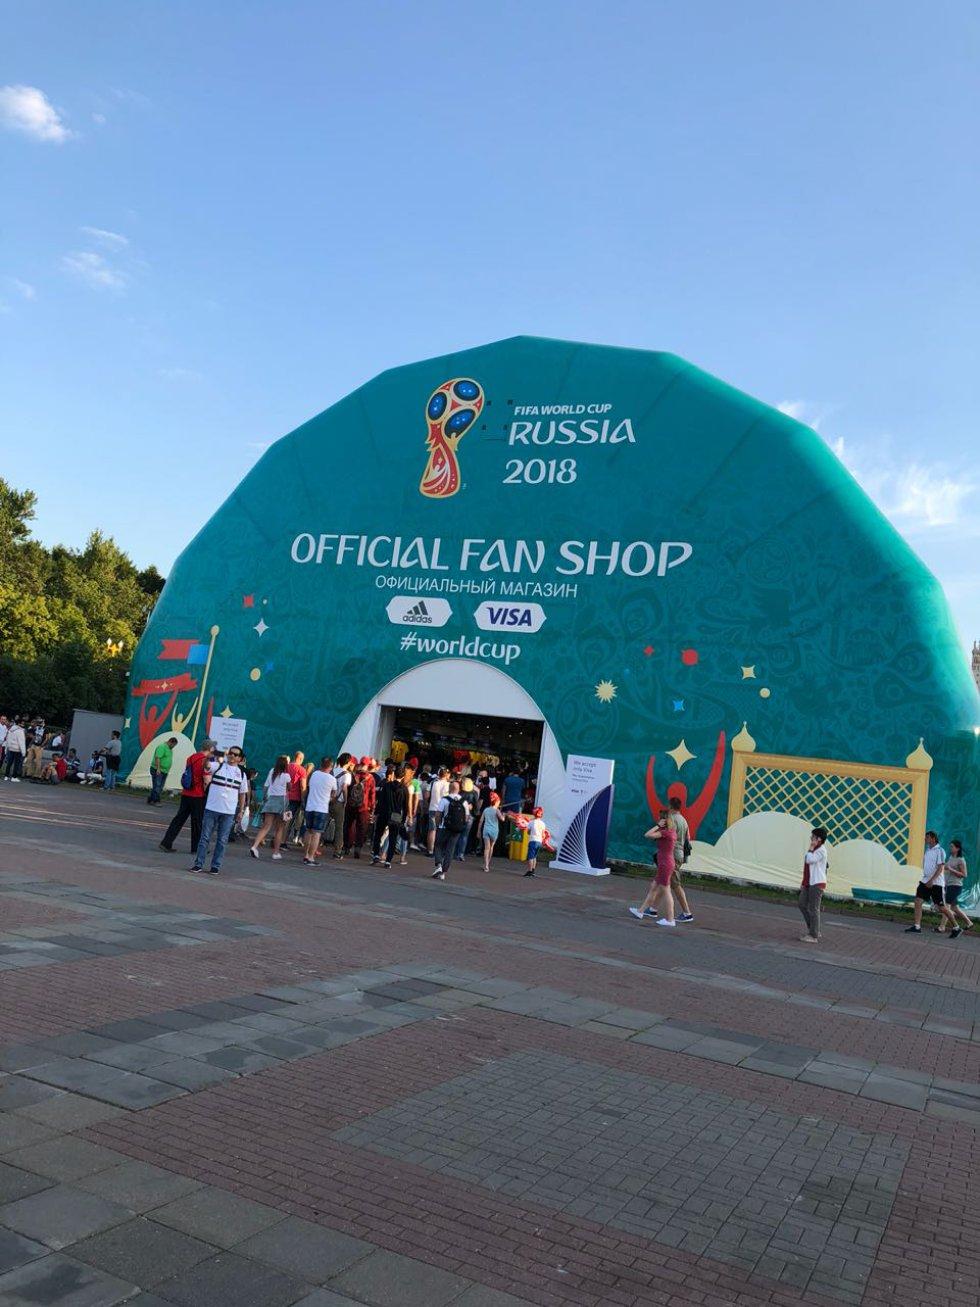 Mundial Rusia 2018: [Fotos] Conozca el fan fest de Moscú en mundial 2018